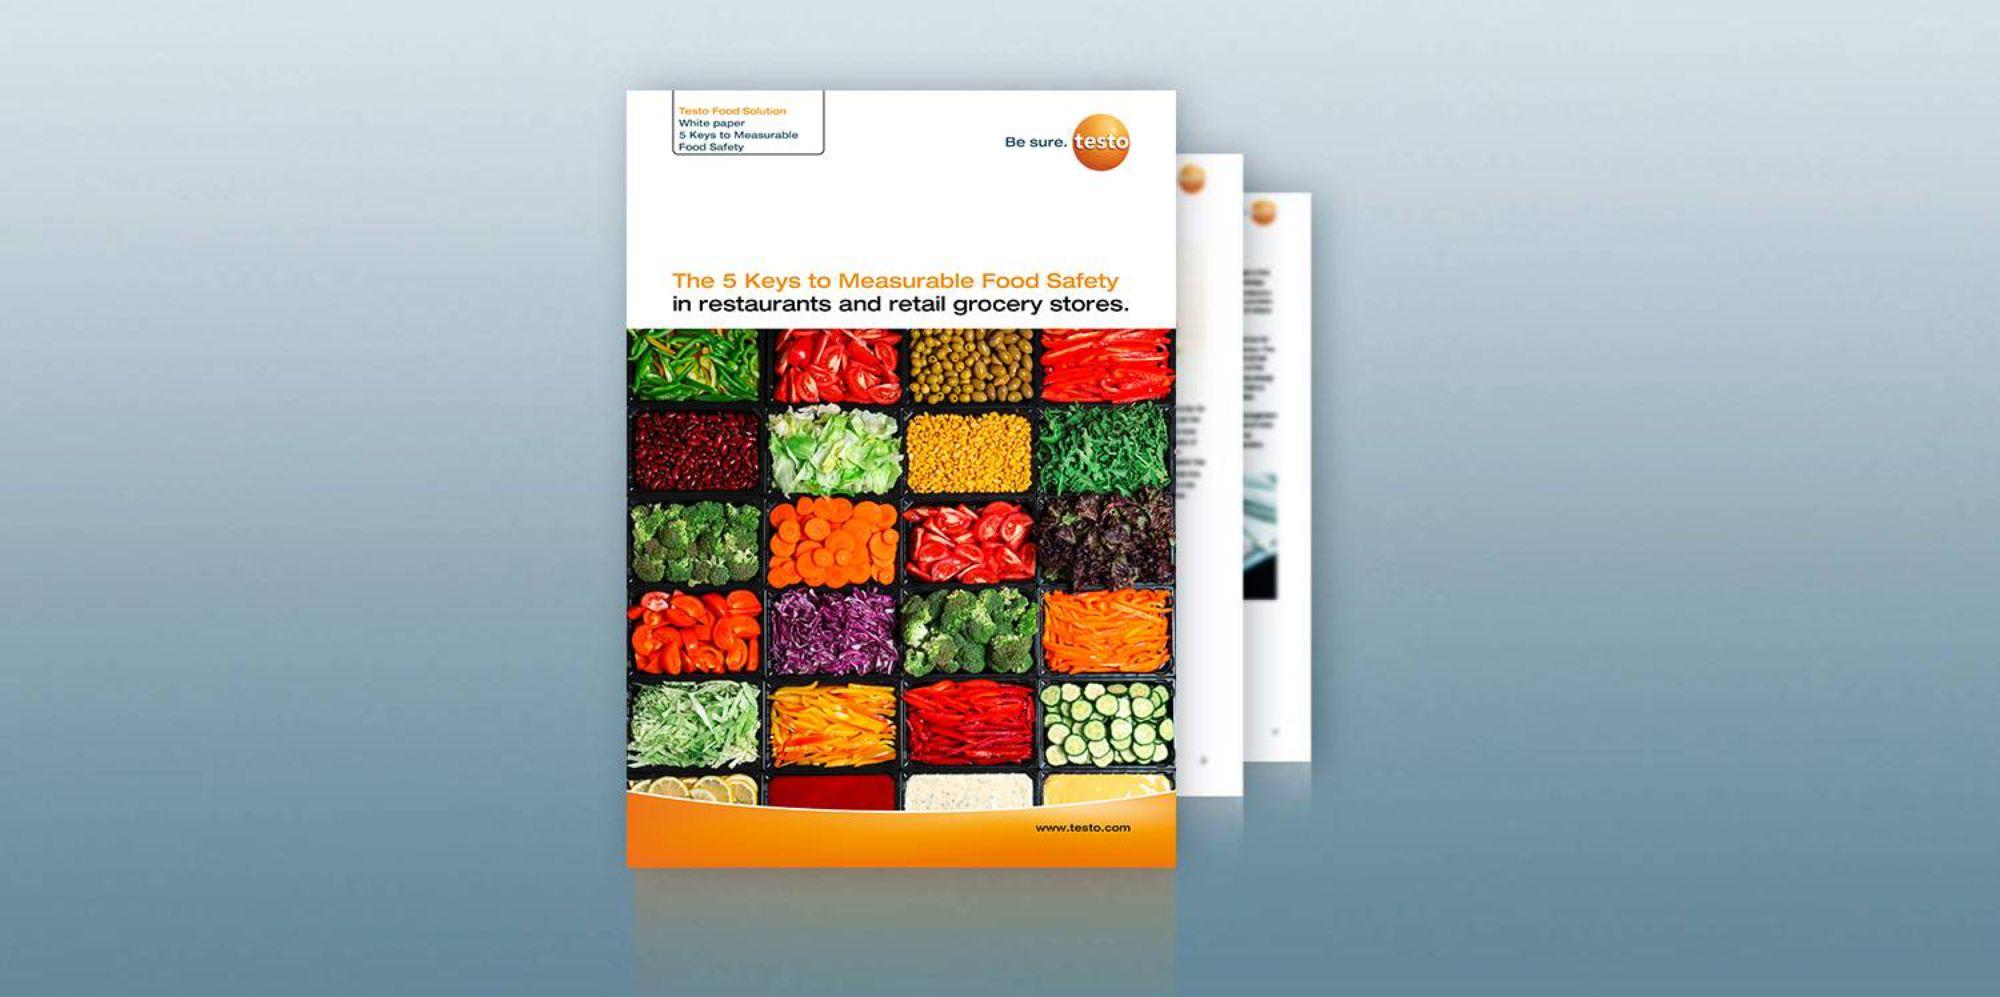 食品安全管理要素